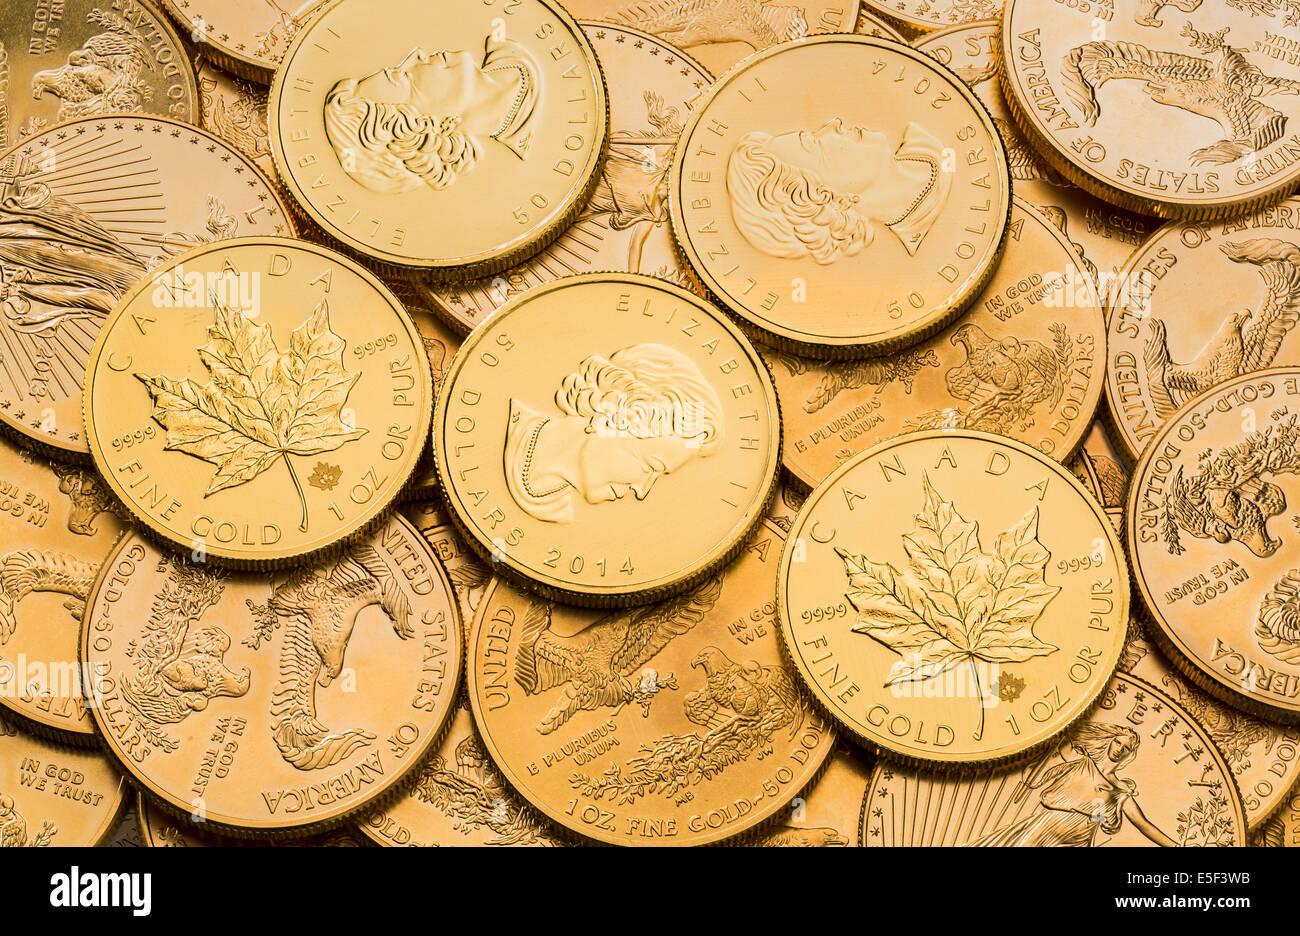 Gold eagle eine Feinunze Gold Münzen vom US-Finanzministerium Minze und kanadische Gold Maple Leaf Münzen Stockbild